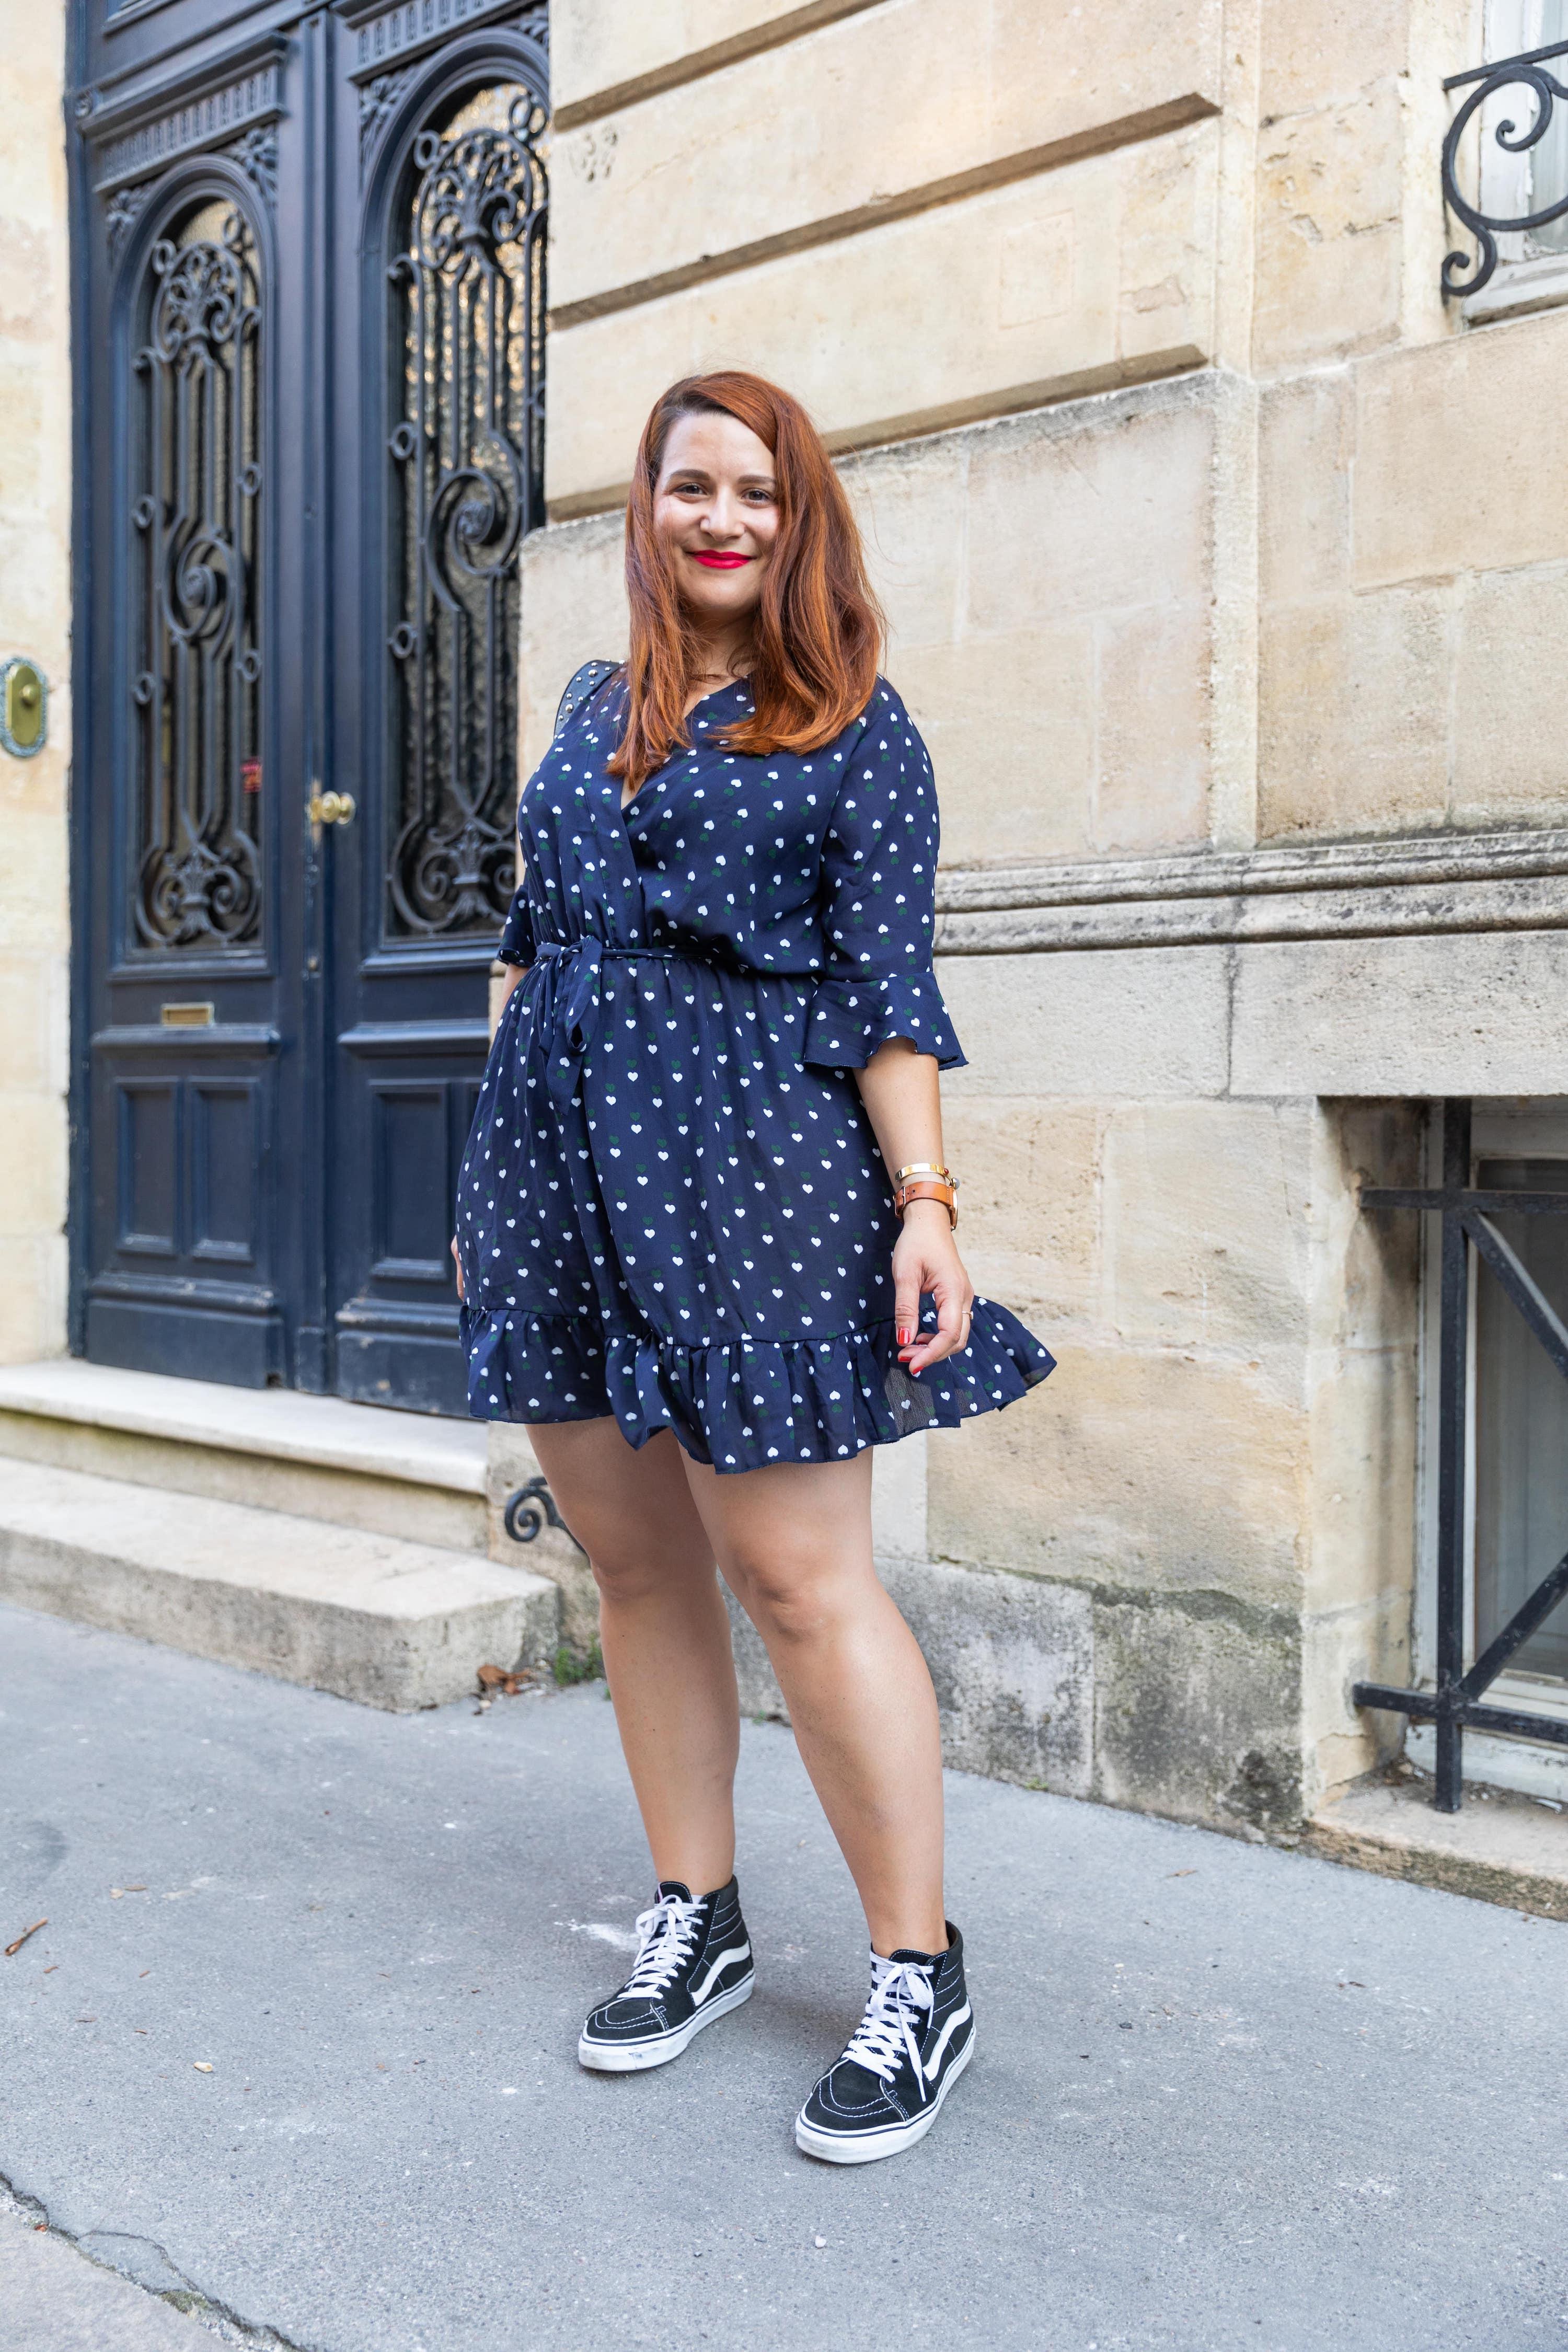 Un look mode d'été en robe bleue Boohoo Plus et baskets Vans